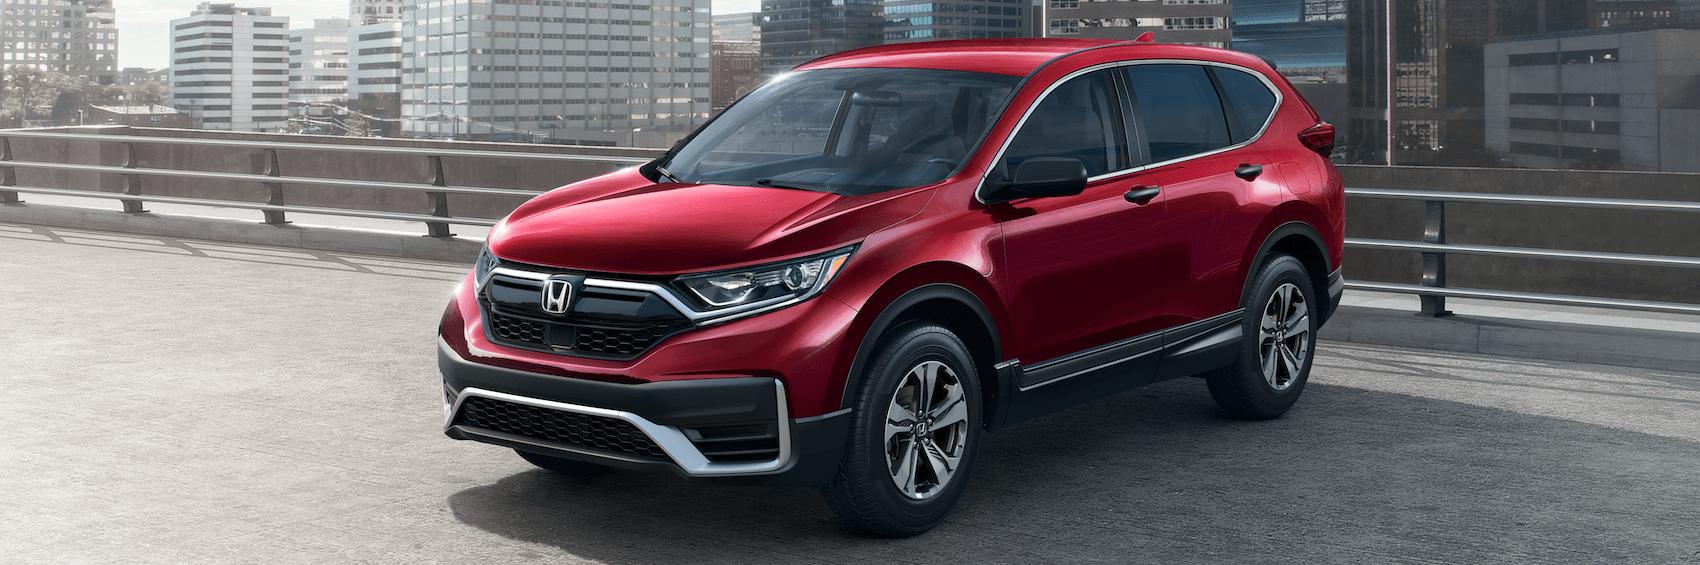 Honda CR-V EX vs LX